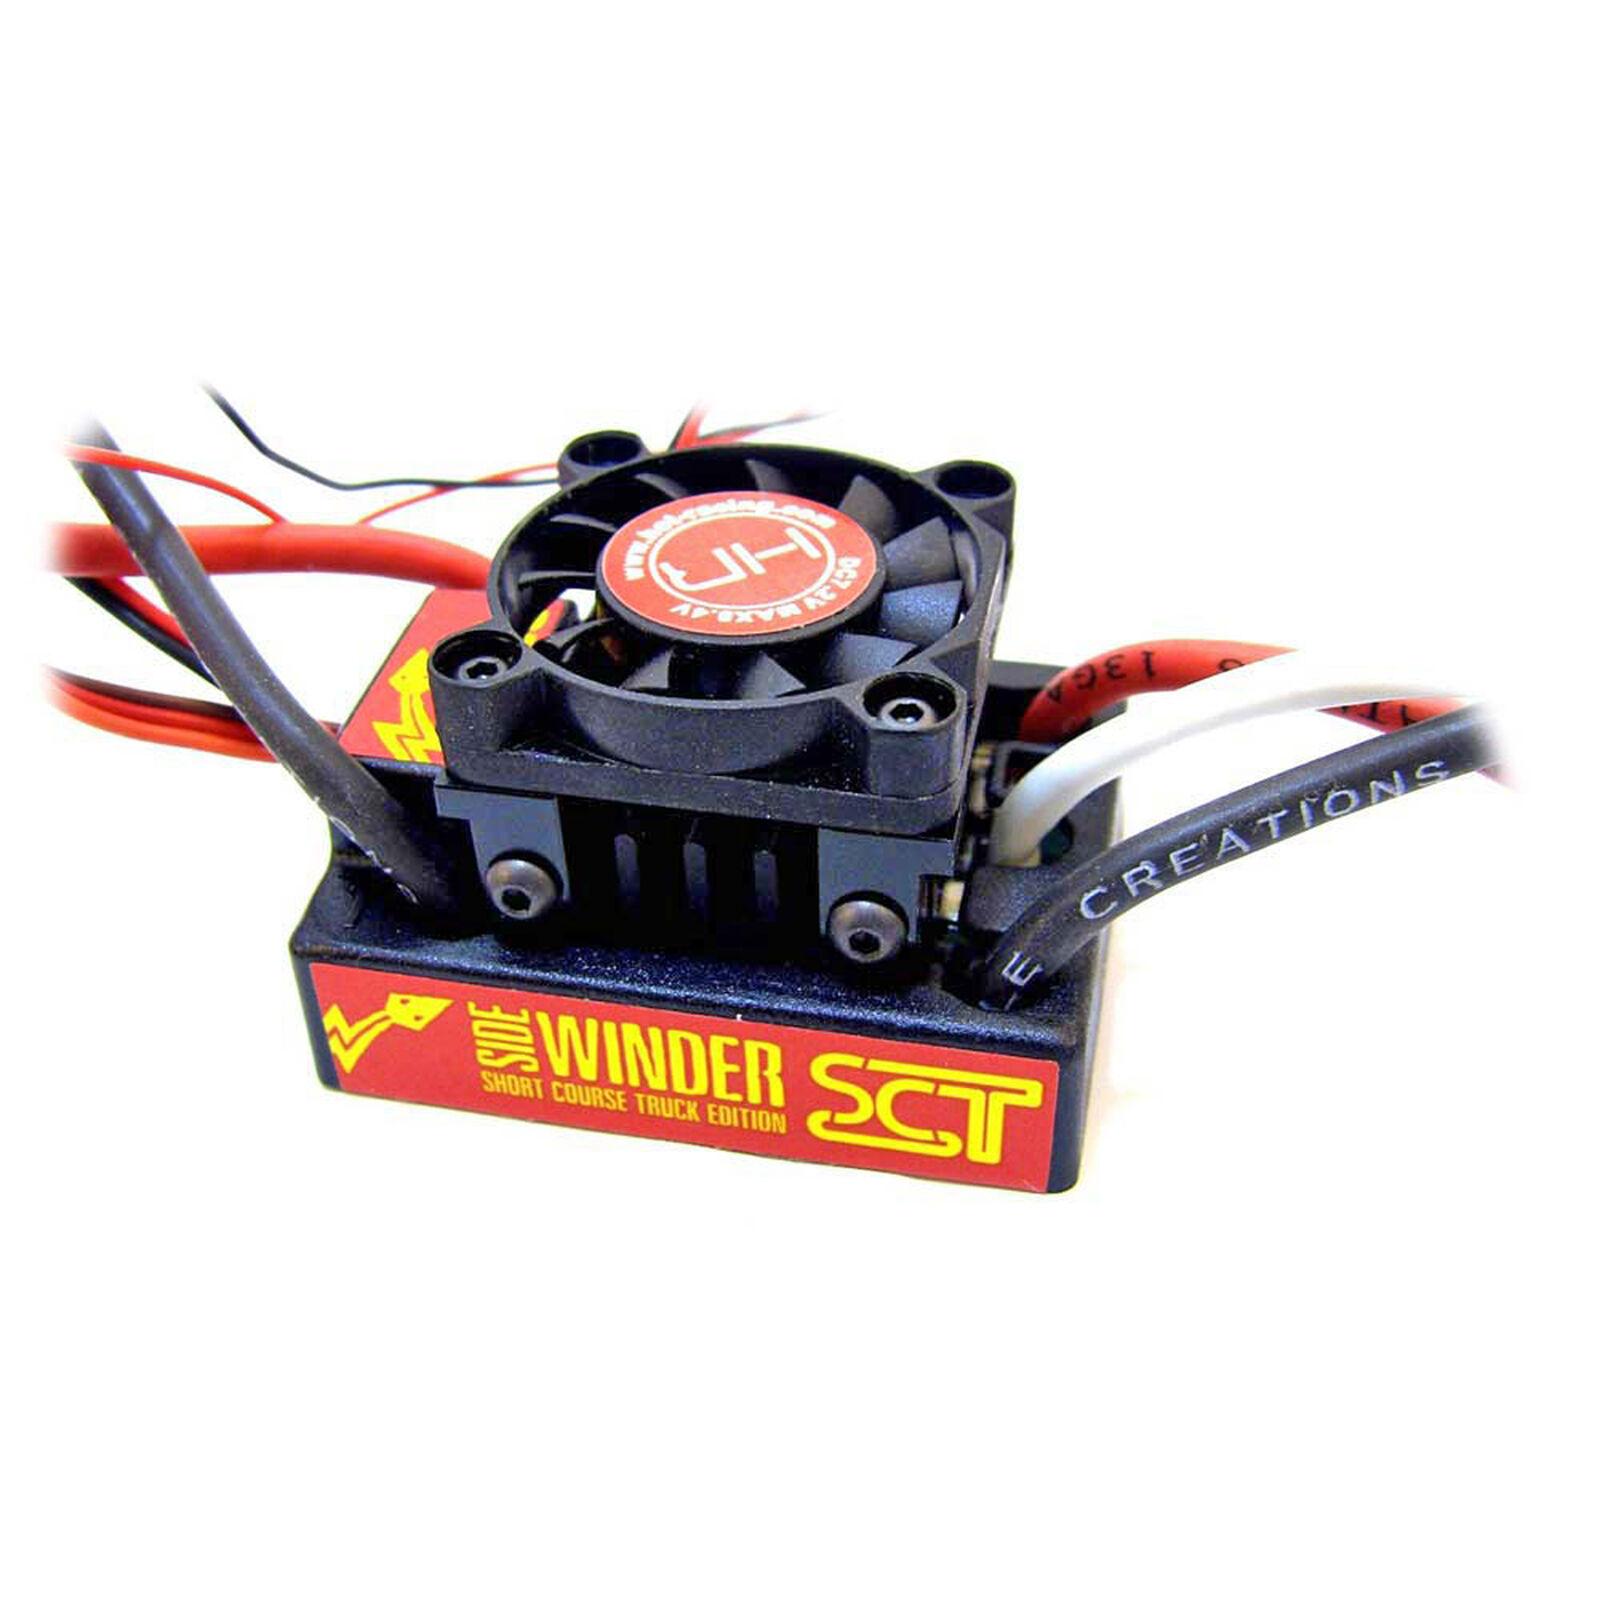 Cooling Fan: Castle Sidewinder, Axial AE2 ESC